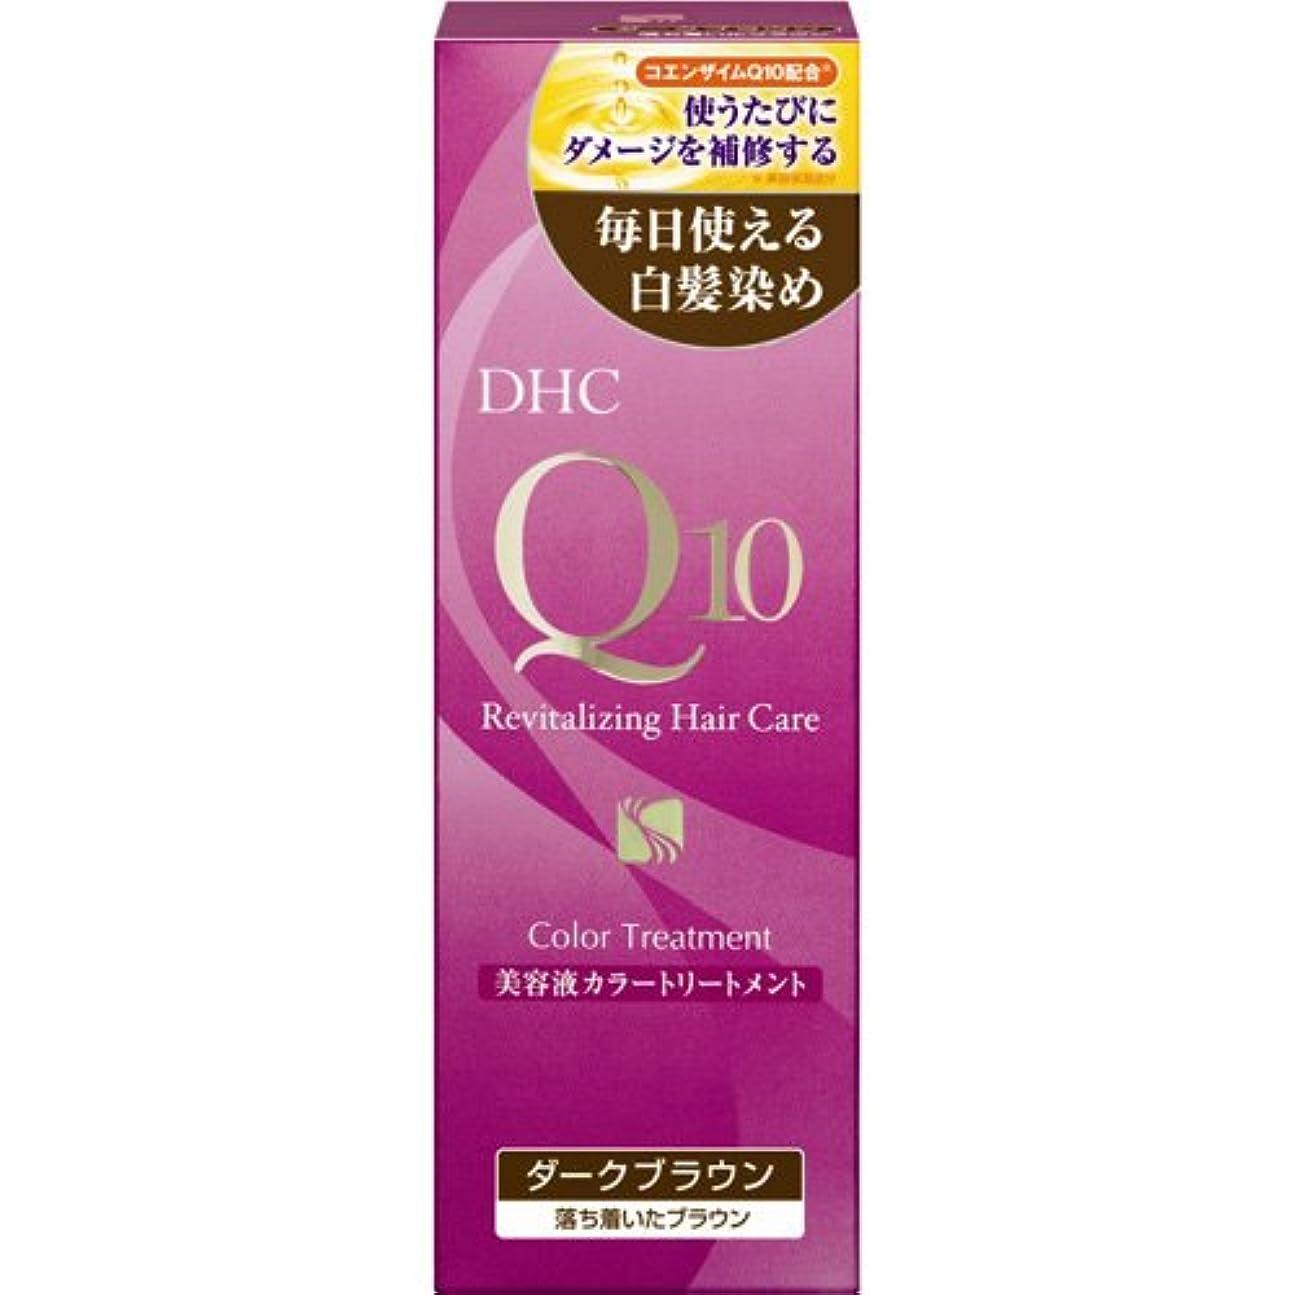 マネージャー期間形容詞DHC Q10美溶液カラートリートメントDブラウンSS170g